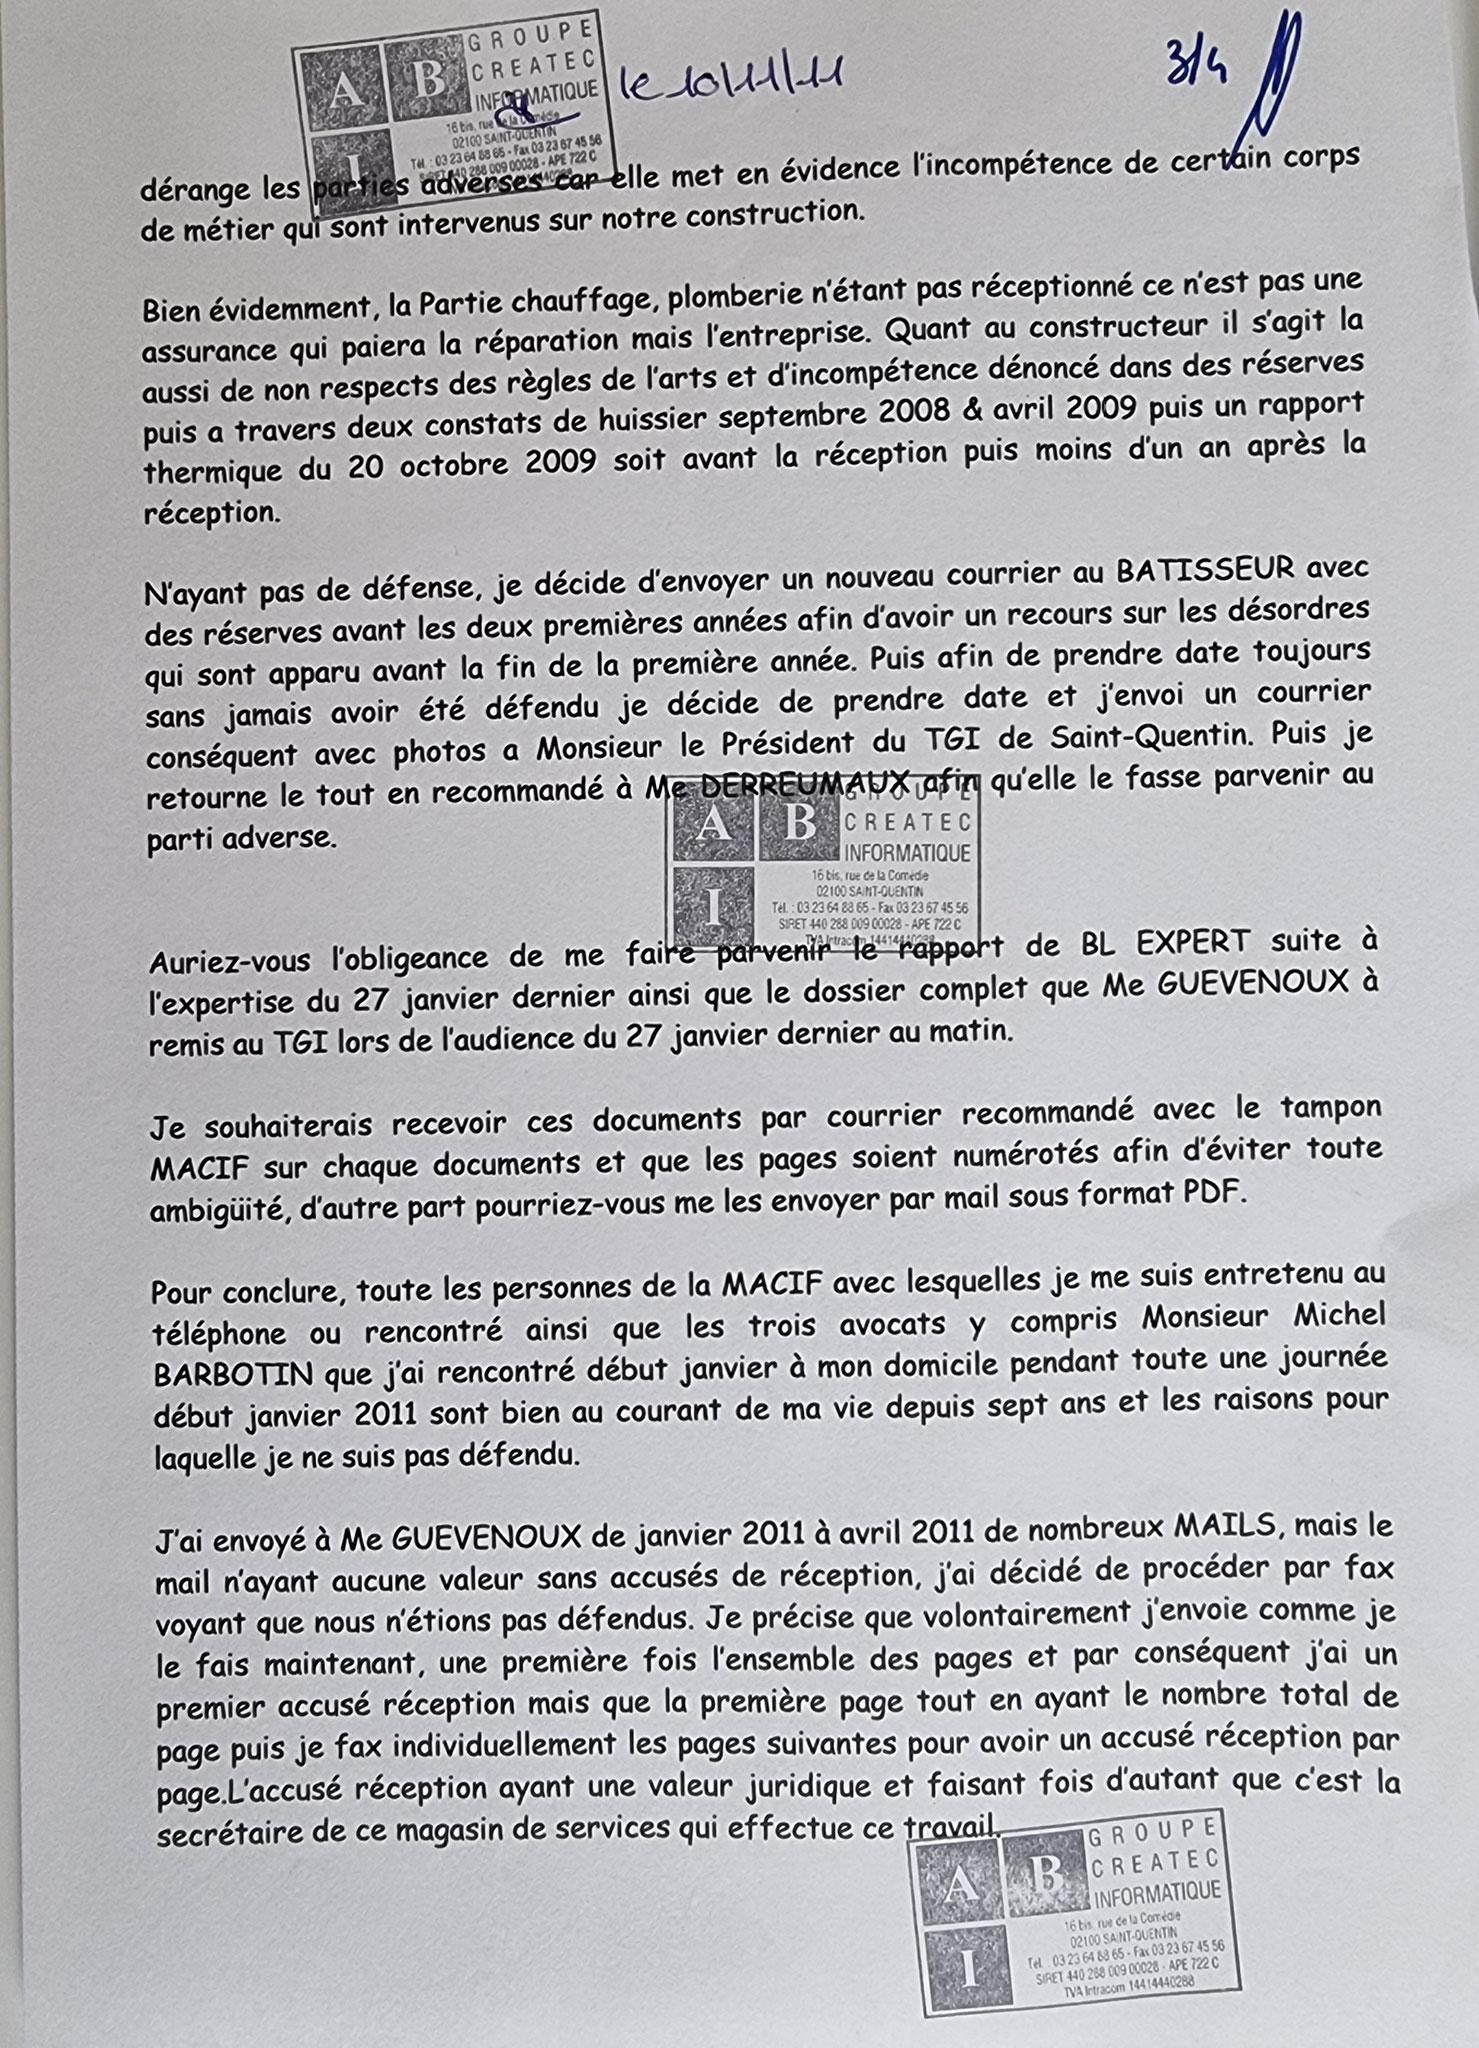 Le Jeudi 10 Novembre 2011, j'adresse un fax de deux pages à la Direction de ma compagnie d'assurances  de la MACIF.     INACCEPTABLE  BORDERLINE    EXPERTISES JUDICIAIRES ENTRE COPAINS... www.jenesuispasunchien.fr www.jesuspatrick.fr